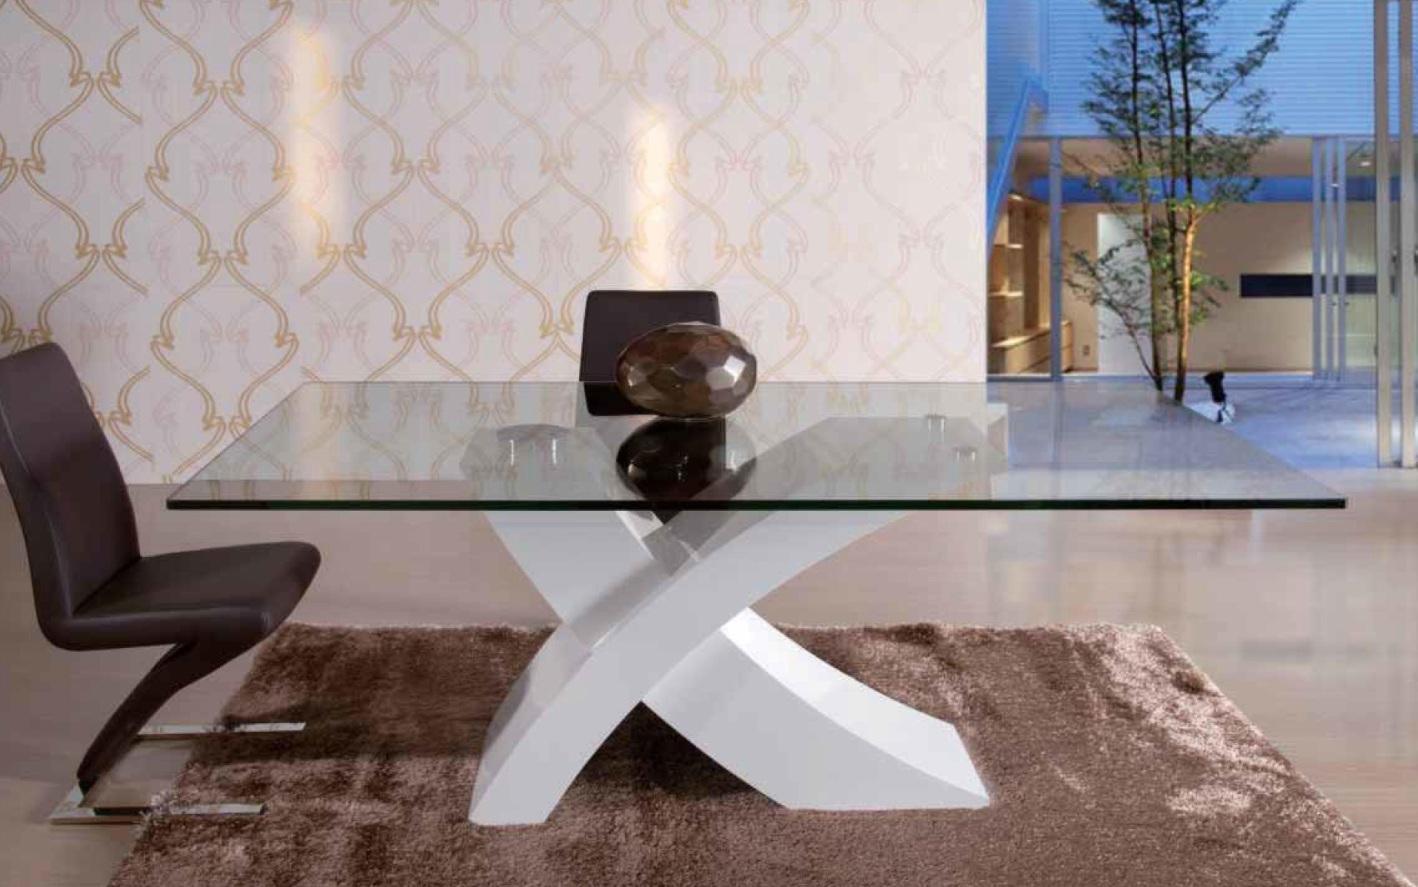 Foto mesa de comedor vidrio itaca blanca foto 360901 for Muebles de comedor en vidrio